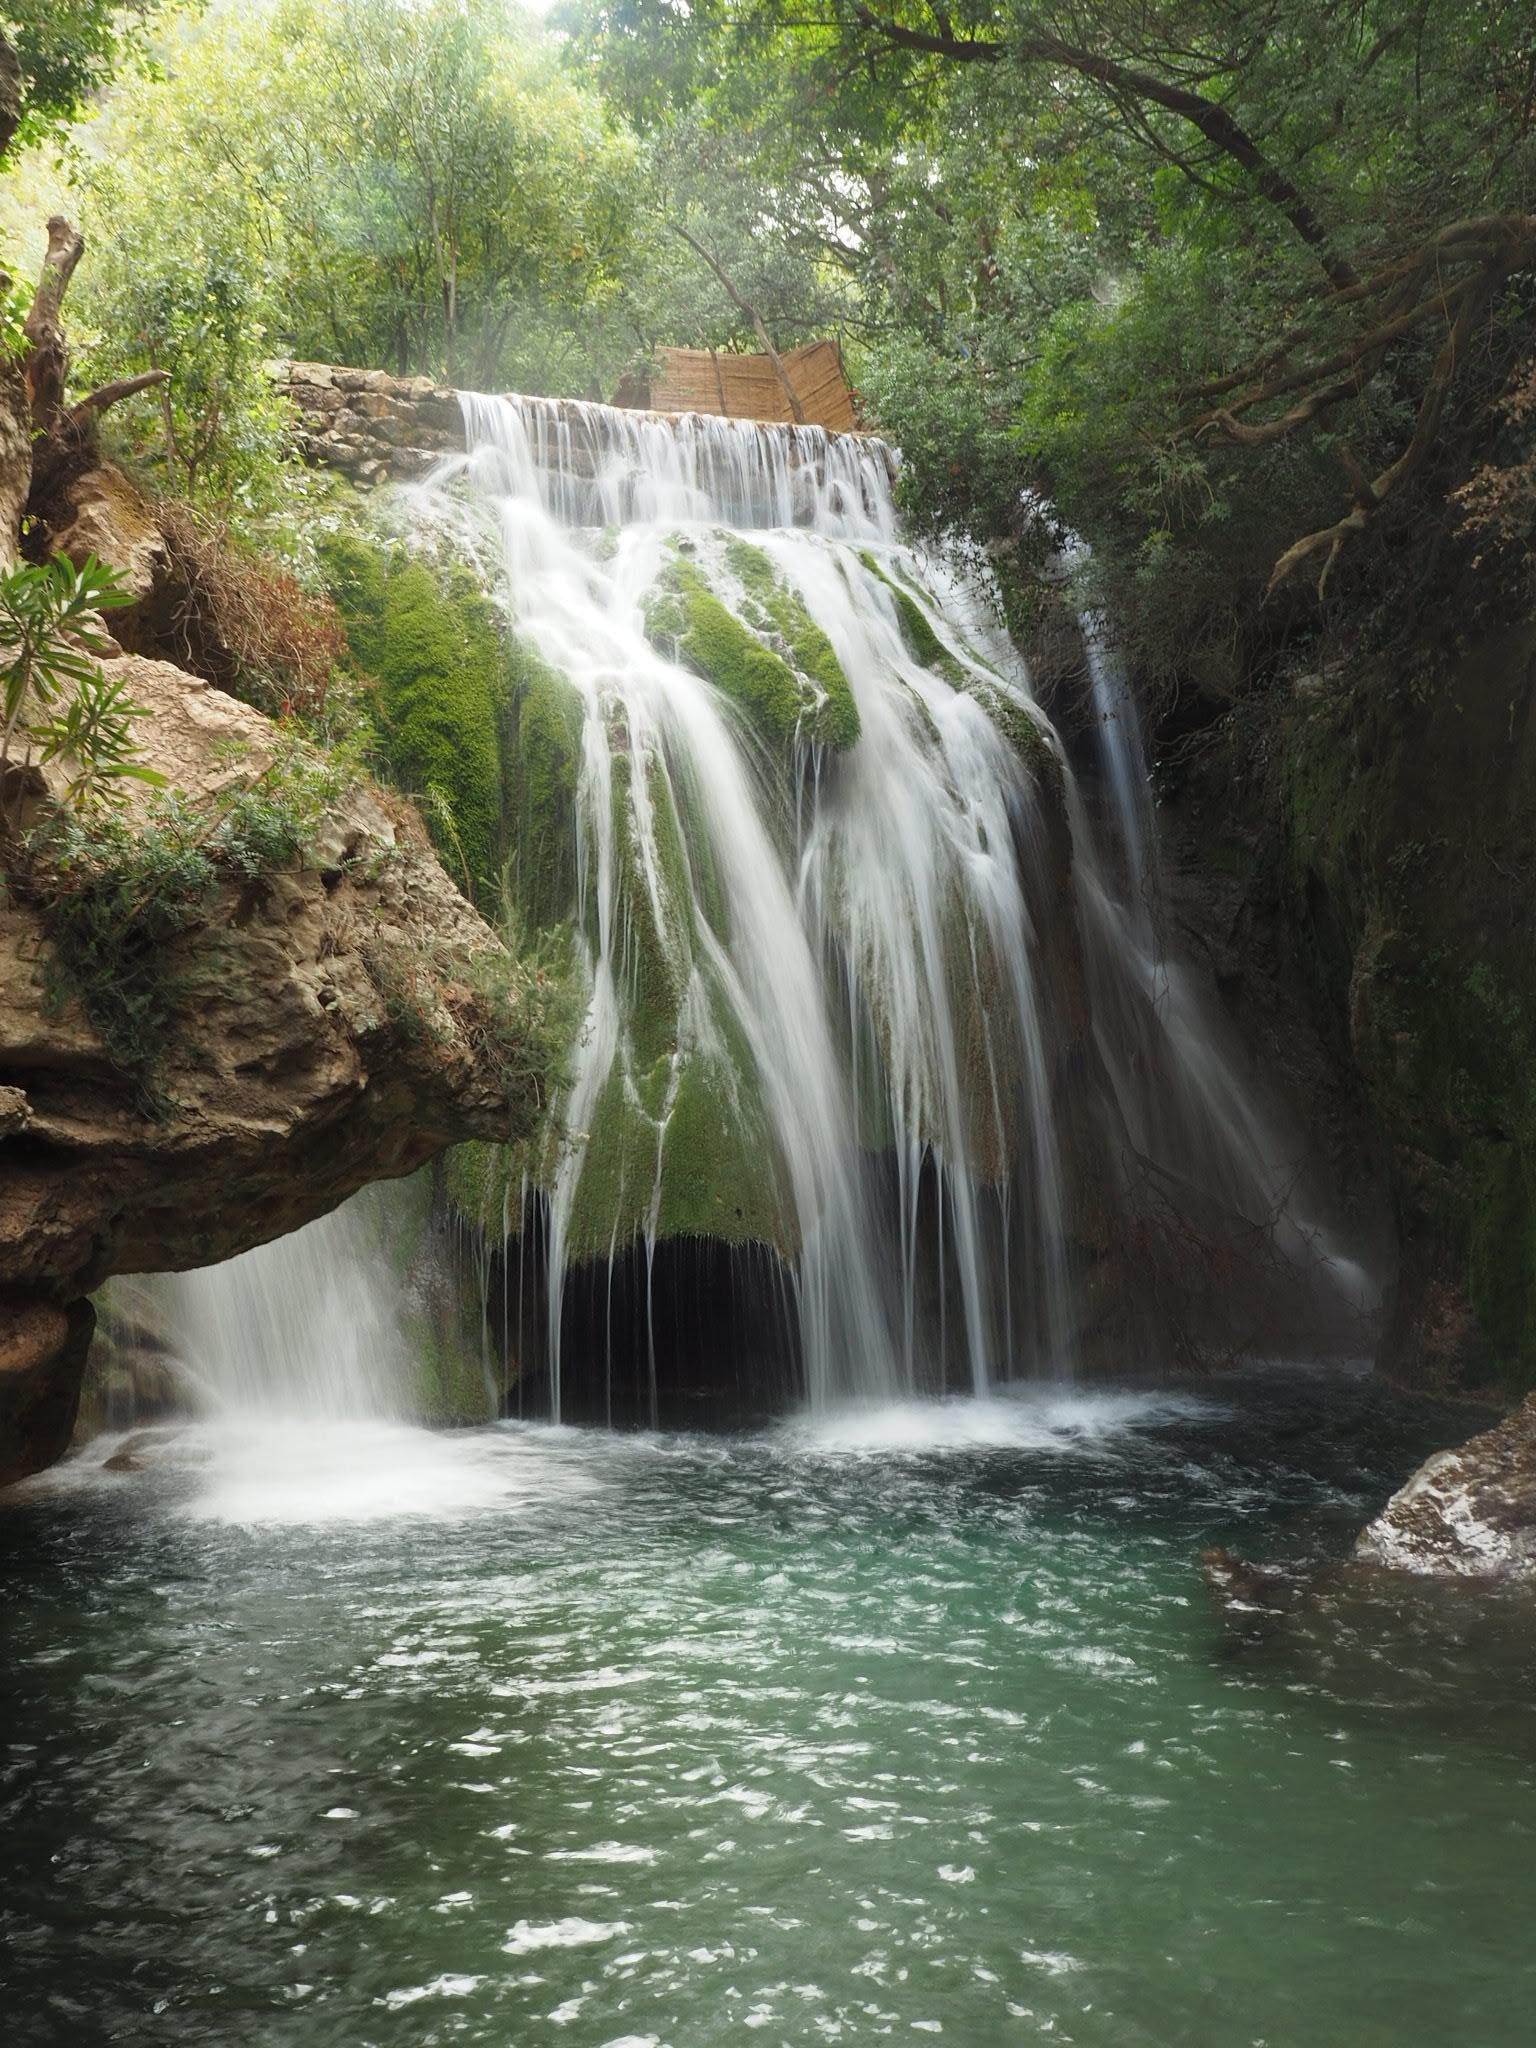 Akchour National Park